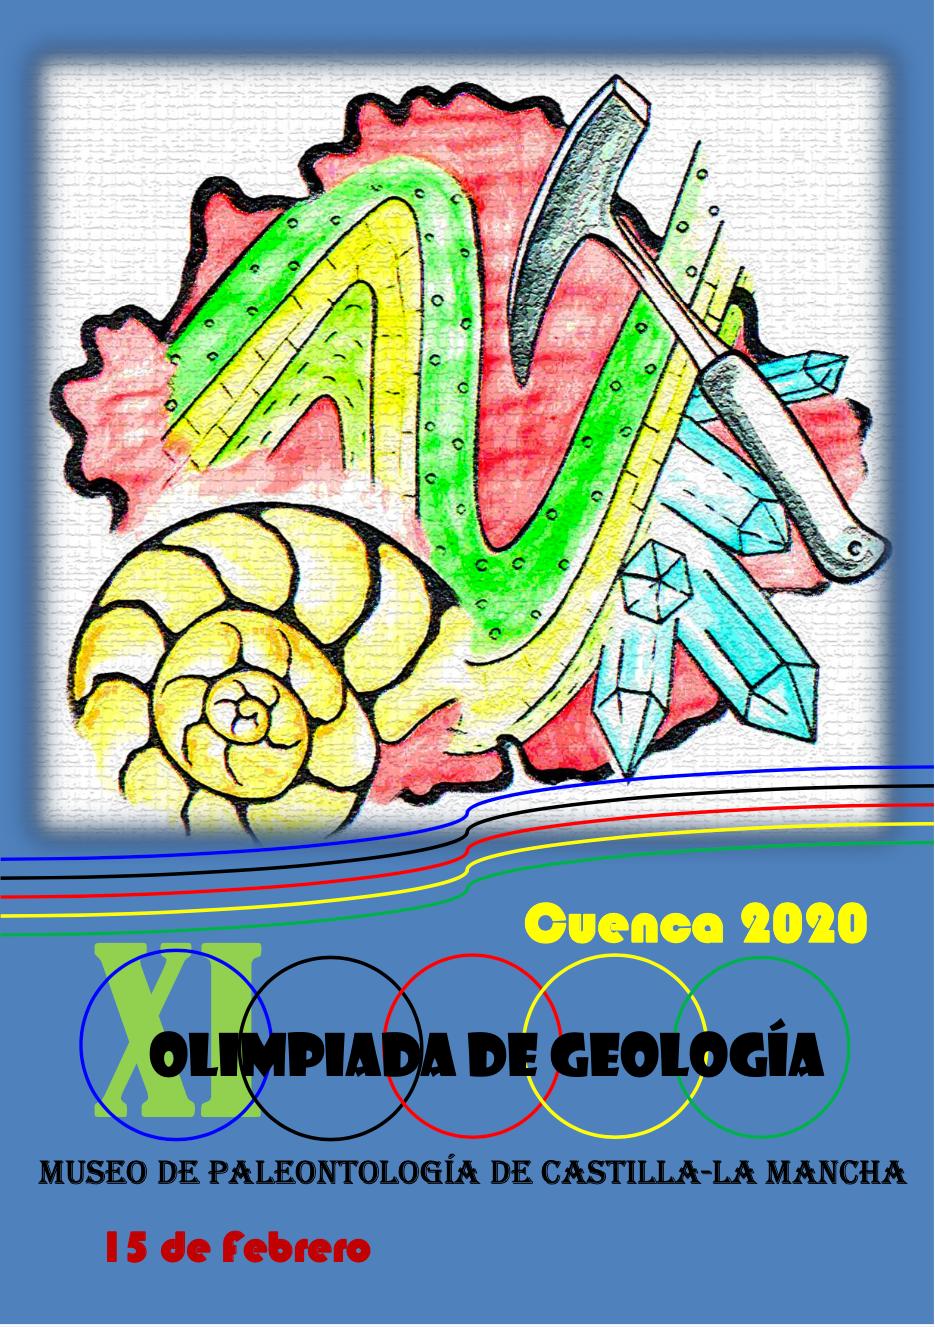 El Museo de Paleontología de C-LM acogerá por cuarto año consecutivo las pruebas de selección de la XI Olimpiada de Geología de la provincia de Cuenca